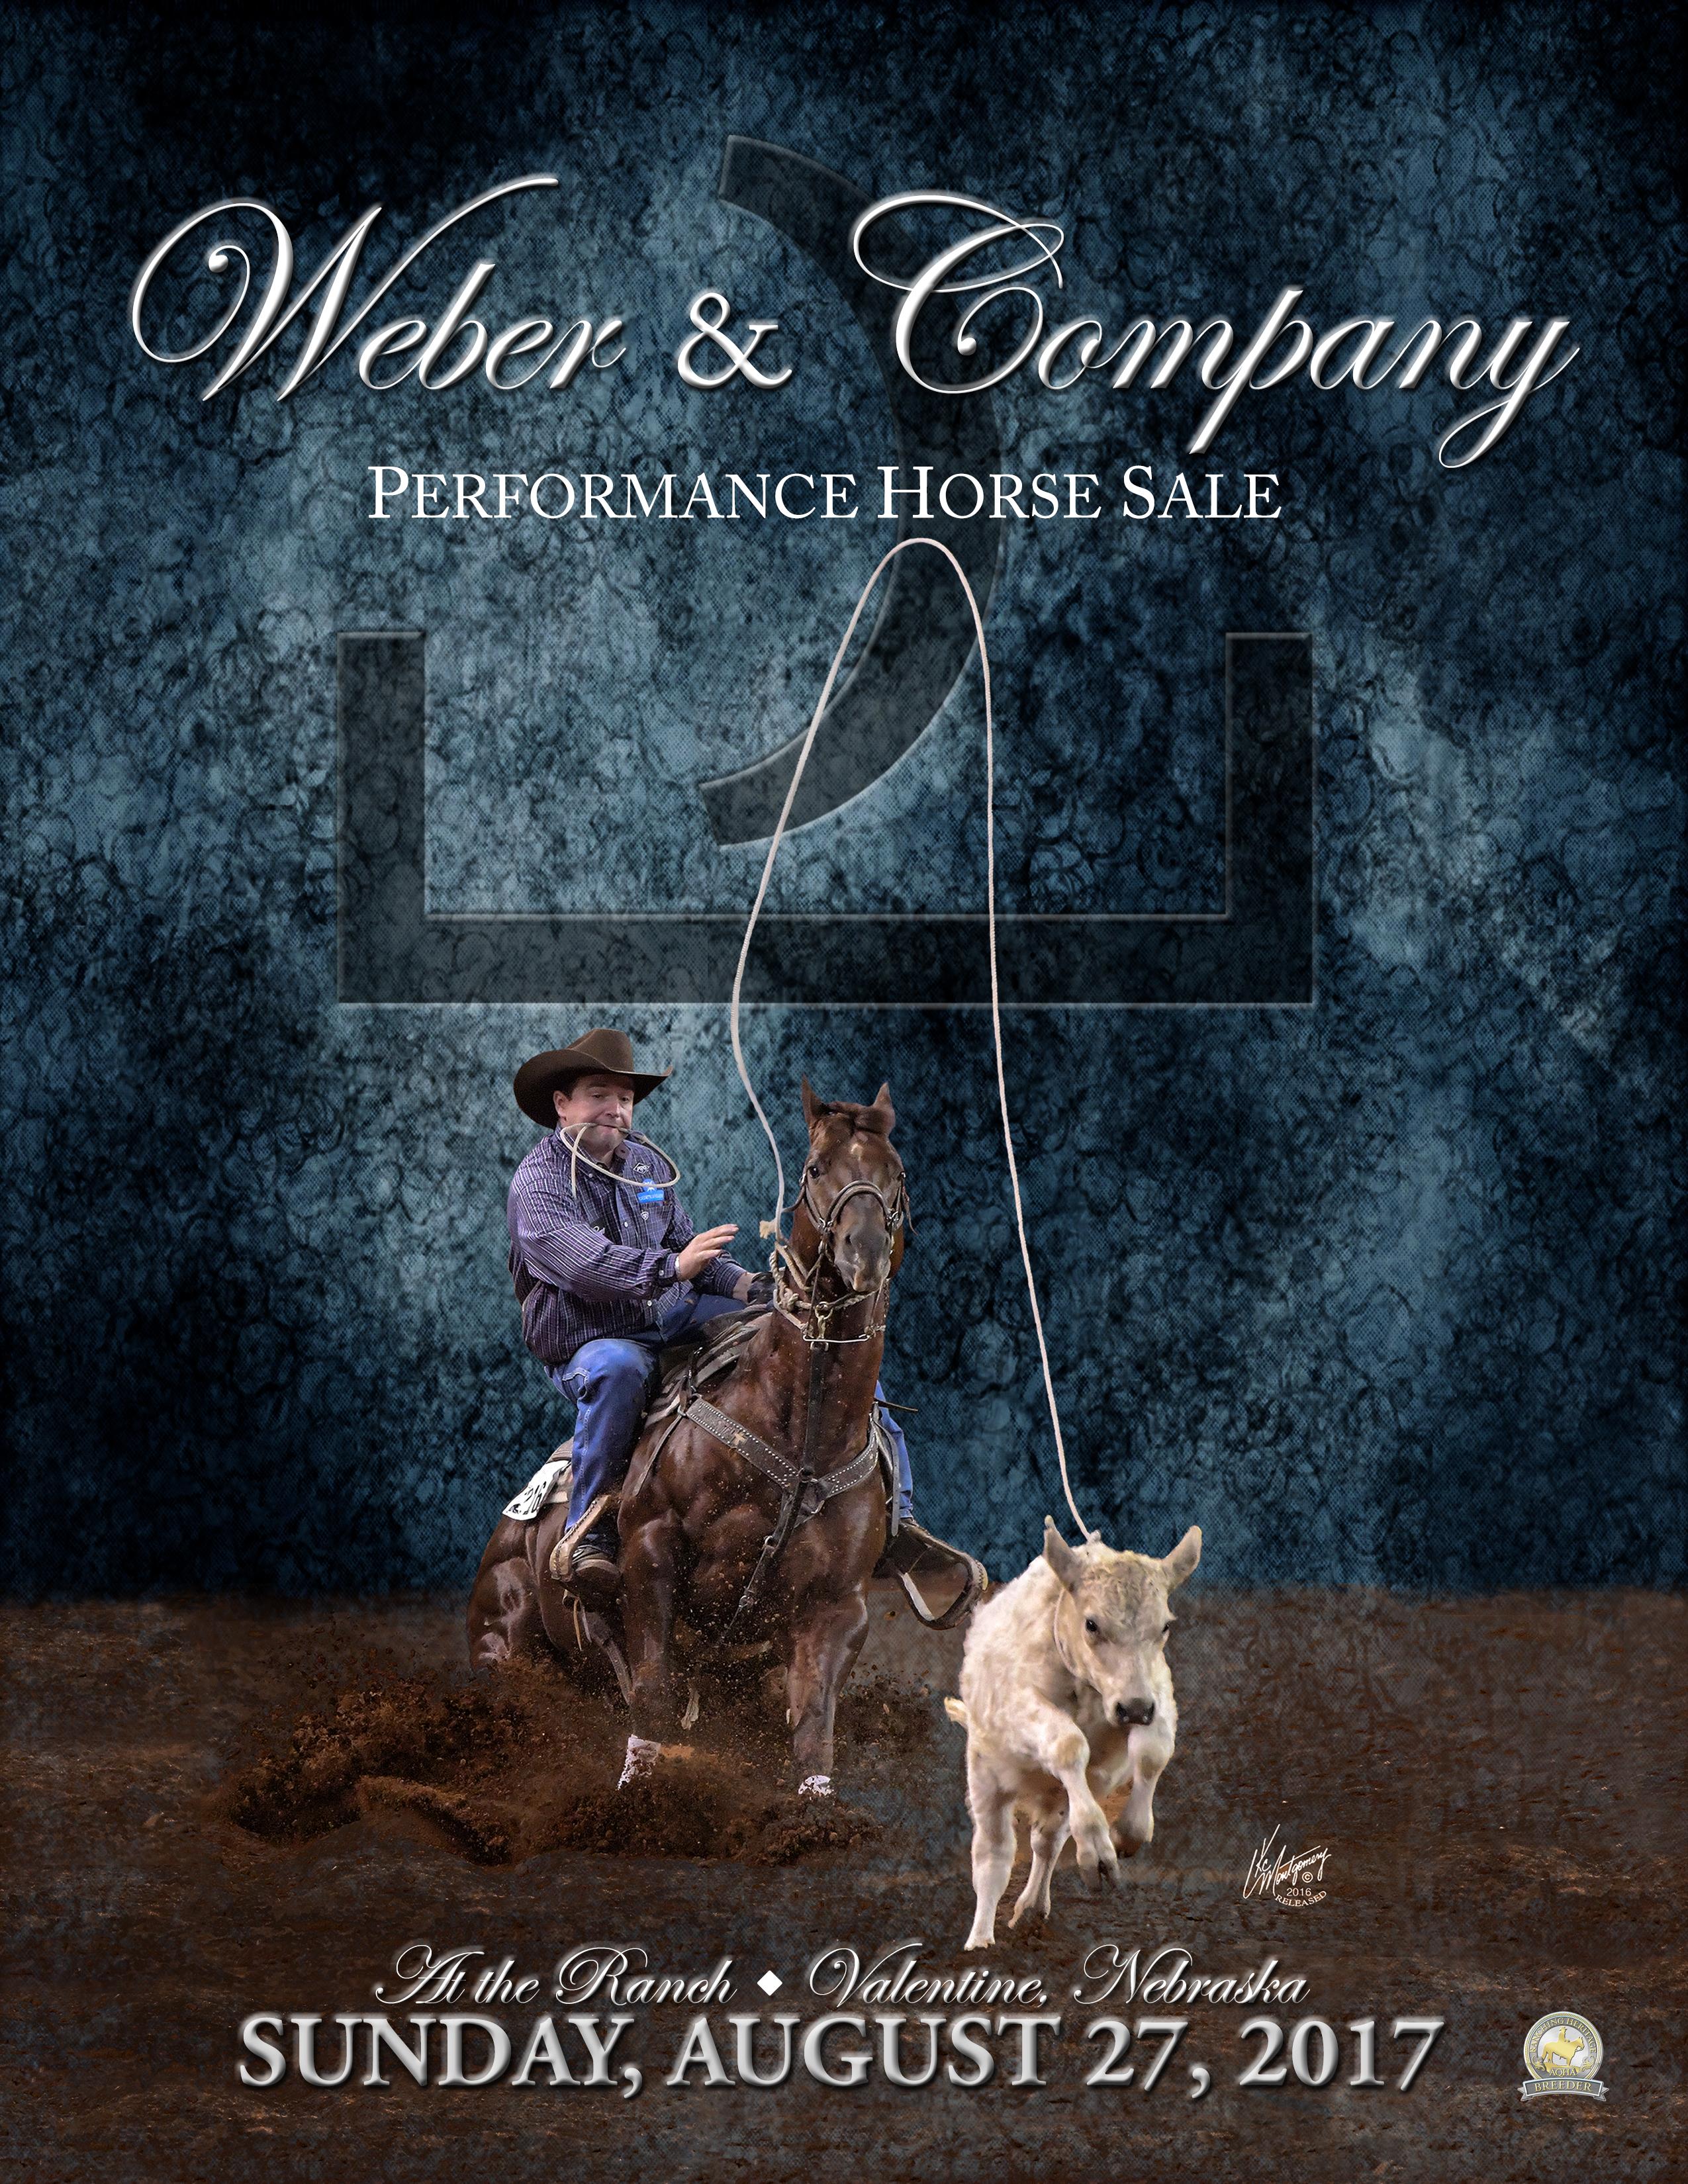 Weber & Company Catalog 2017